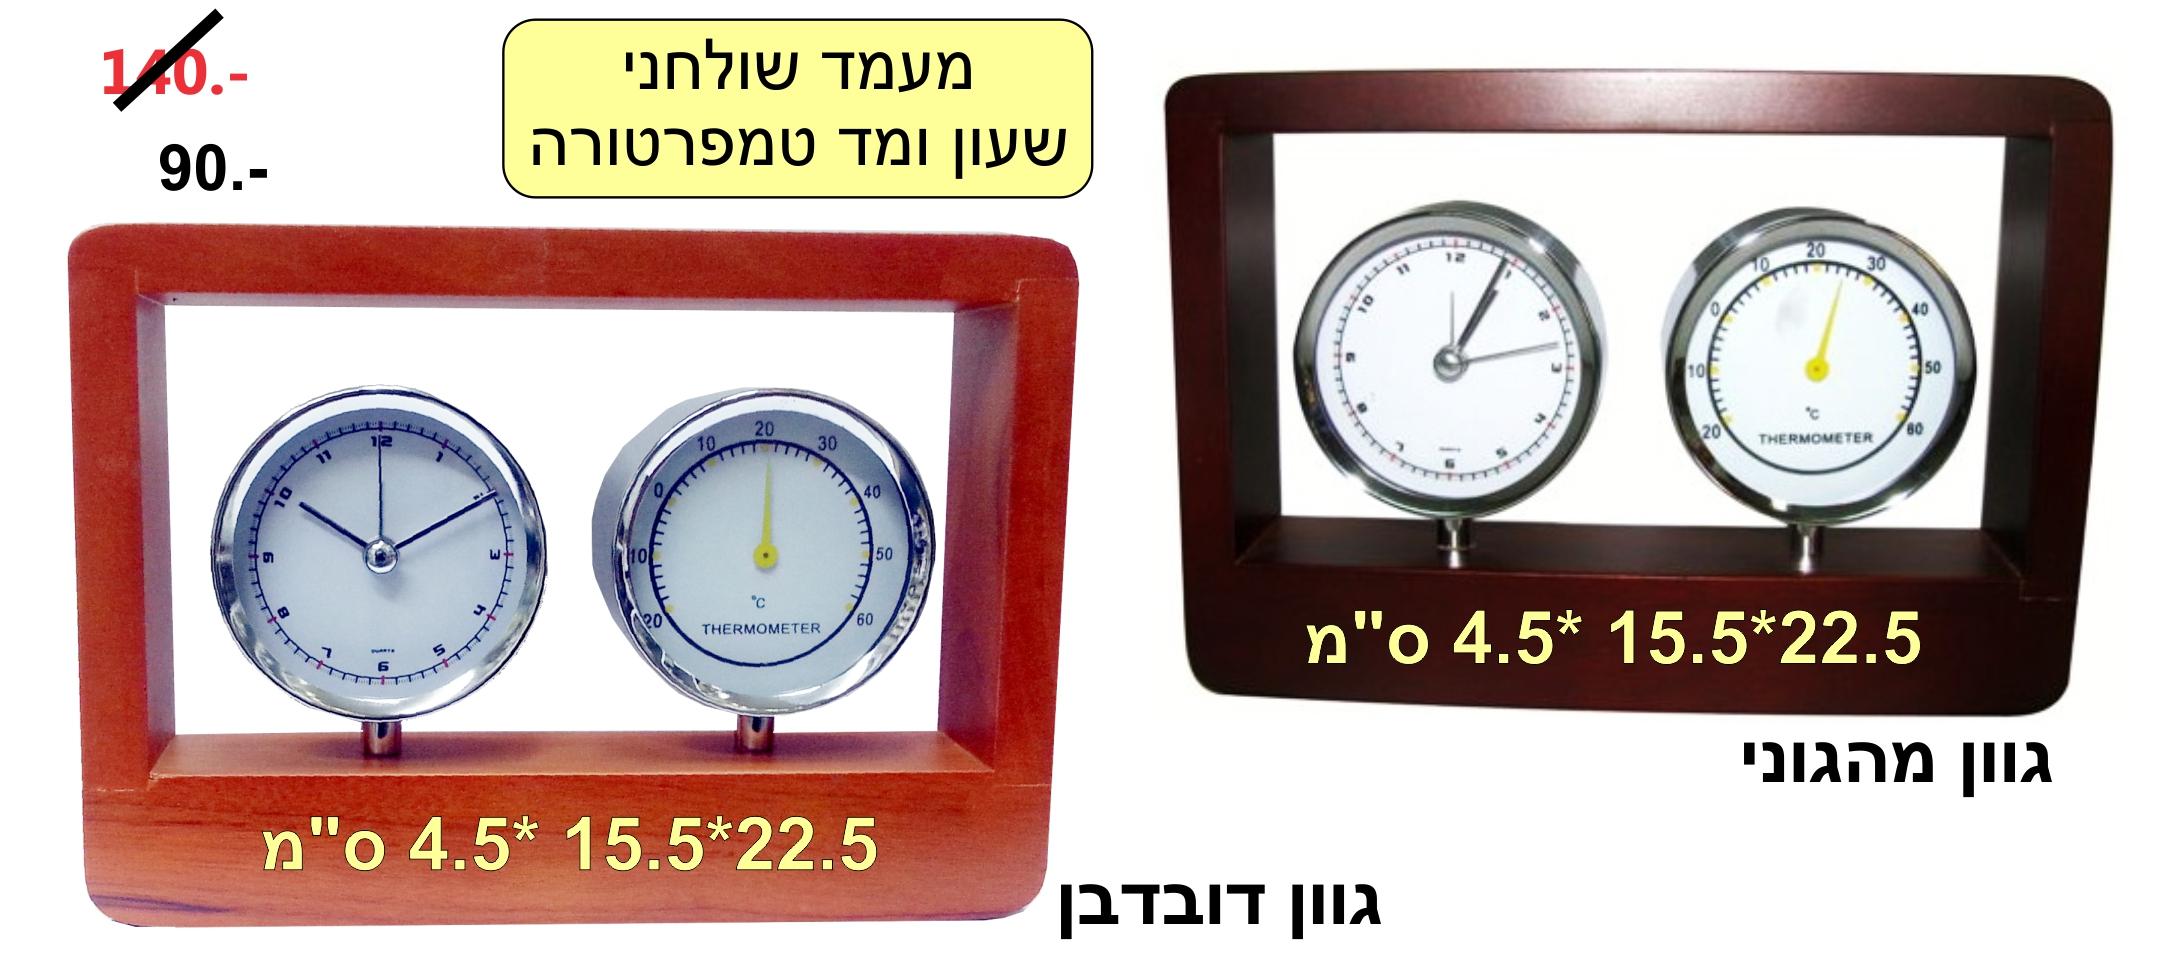 מעמד שולחני שעון ומד טמפרטורה